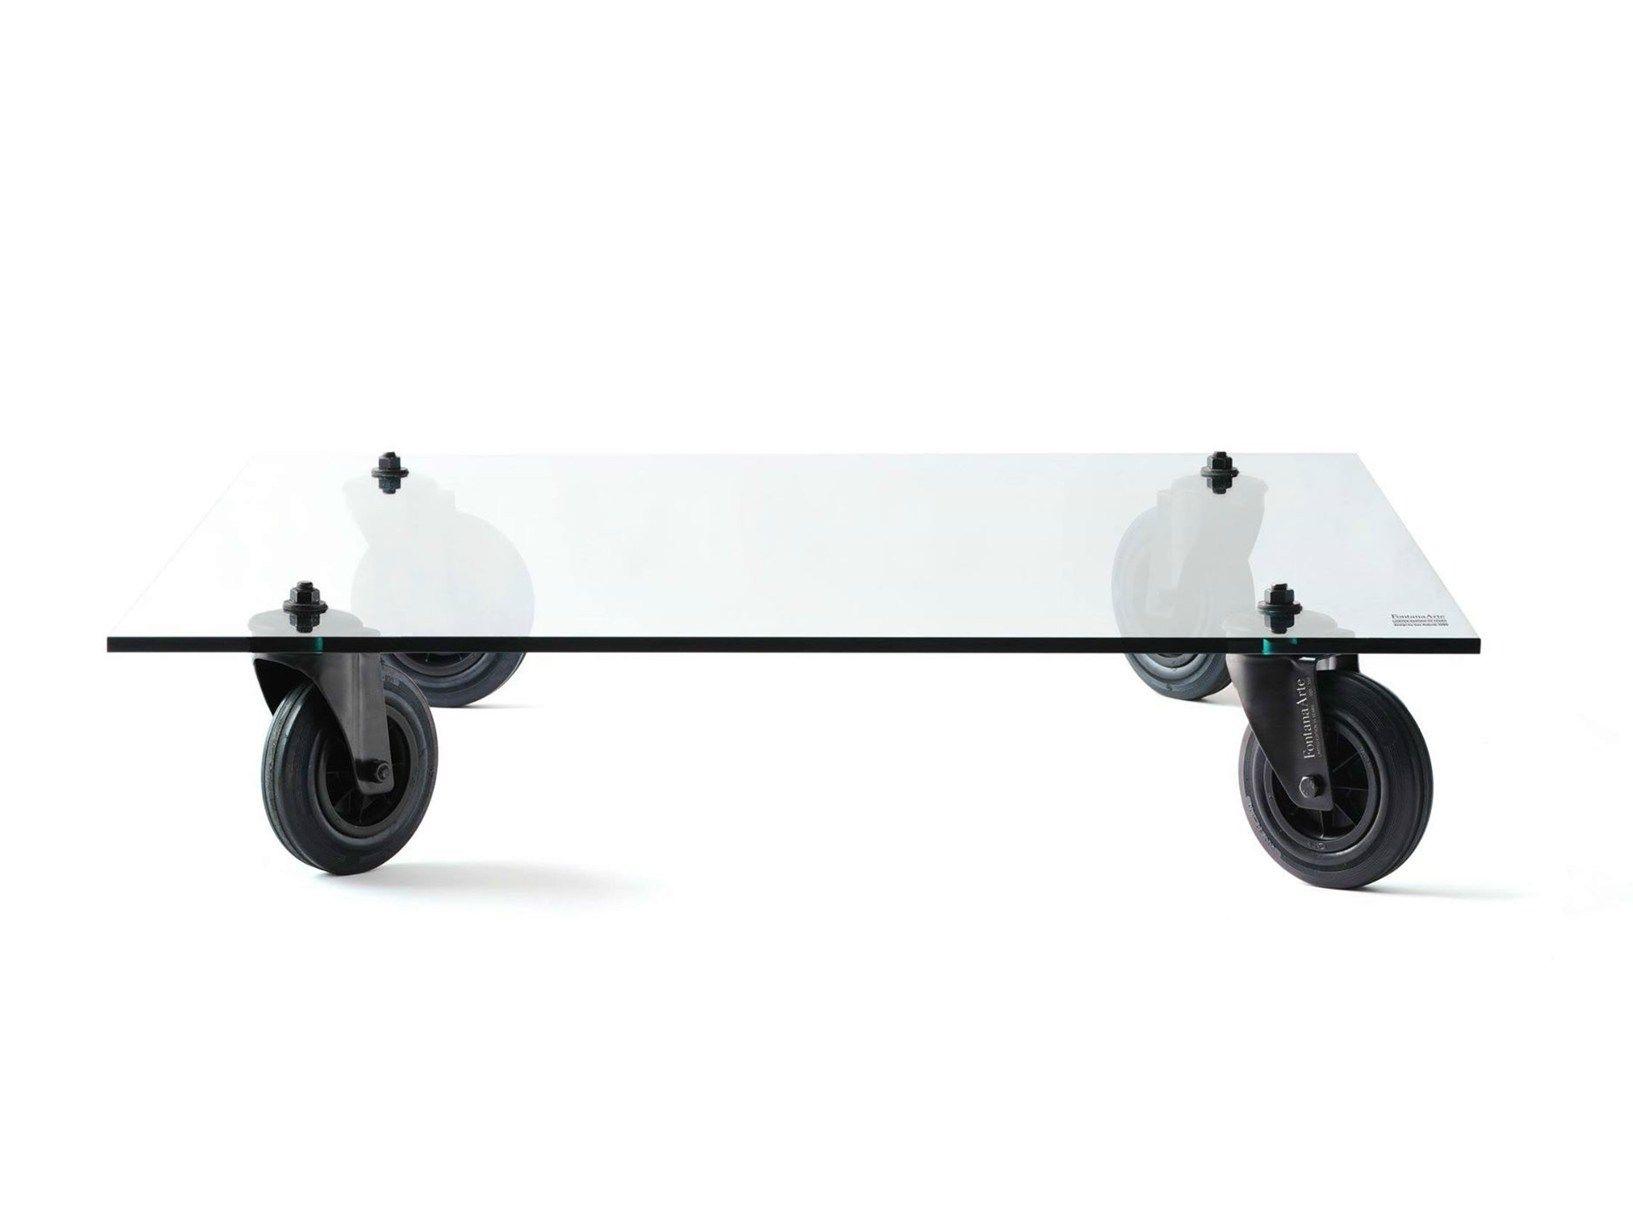 Tavolino Con Ruote Di Gae Aulenti.Tavolo Con Ruote Limited Edition 35 Years